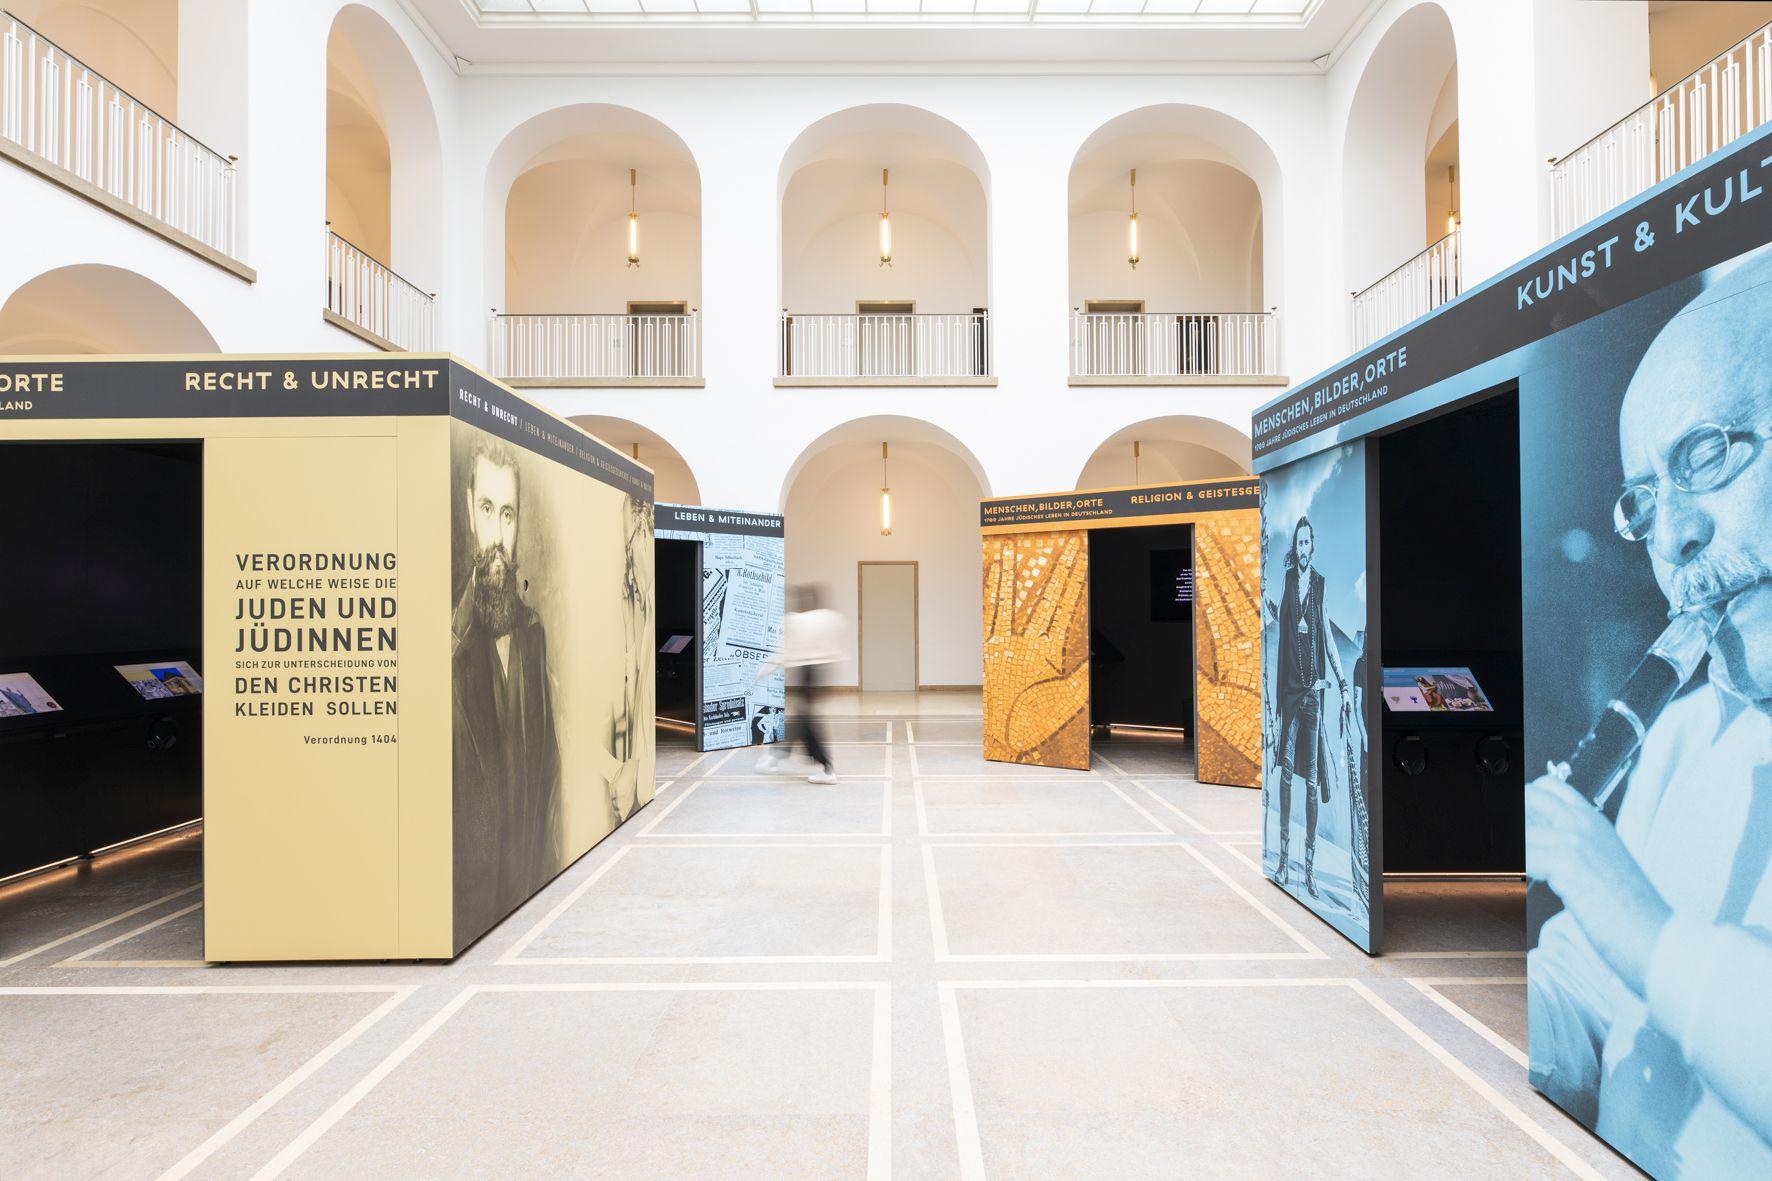 Veranstaltungstipp: Wanderausstellung noch bis zum 25. Juni in Münster